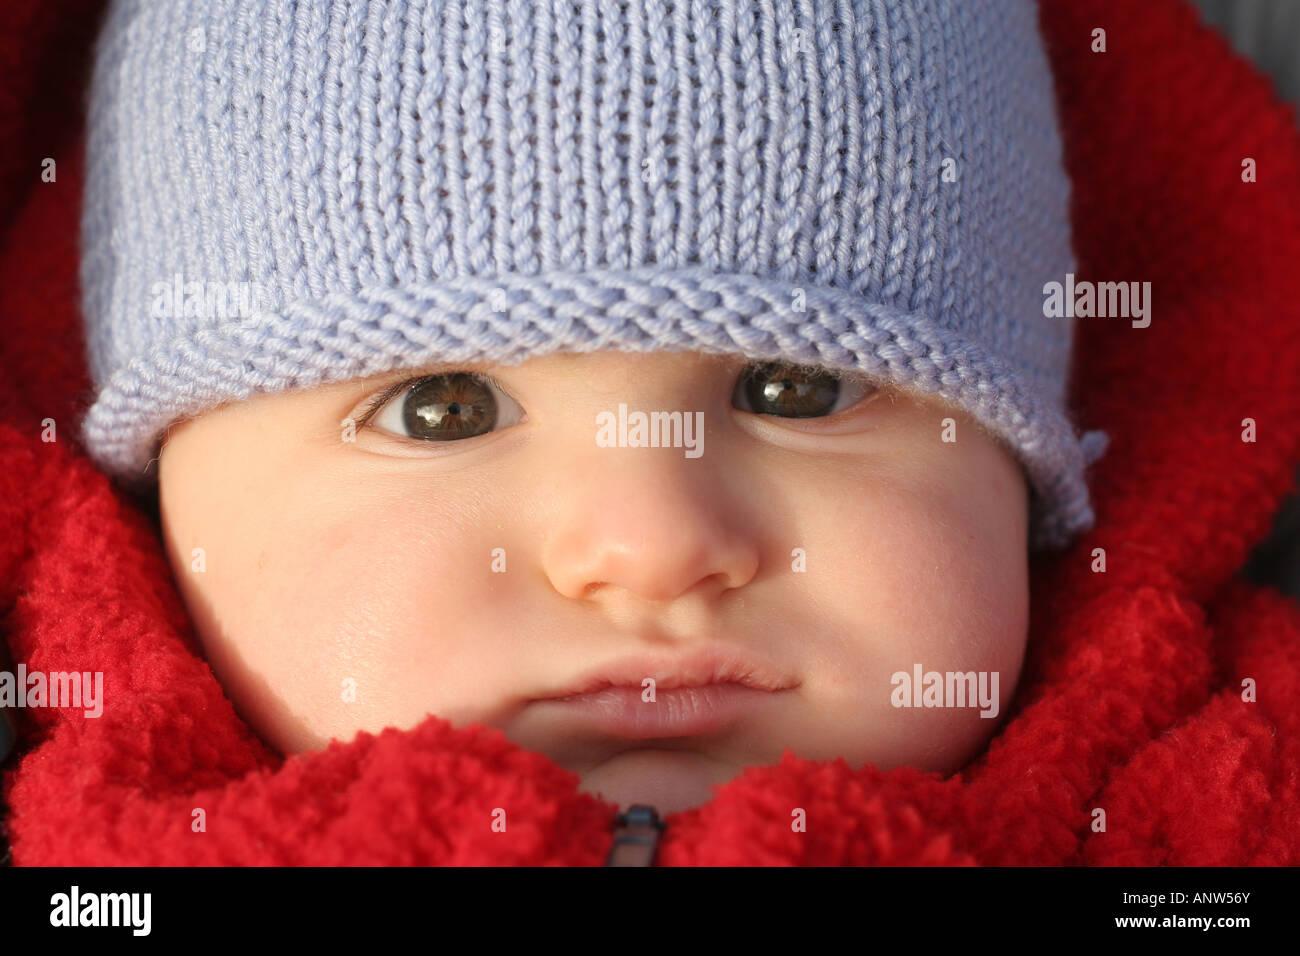 8 mes de edad Baby Boy con chaqueta roja y sombrero de lana azul Imagen De Stock